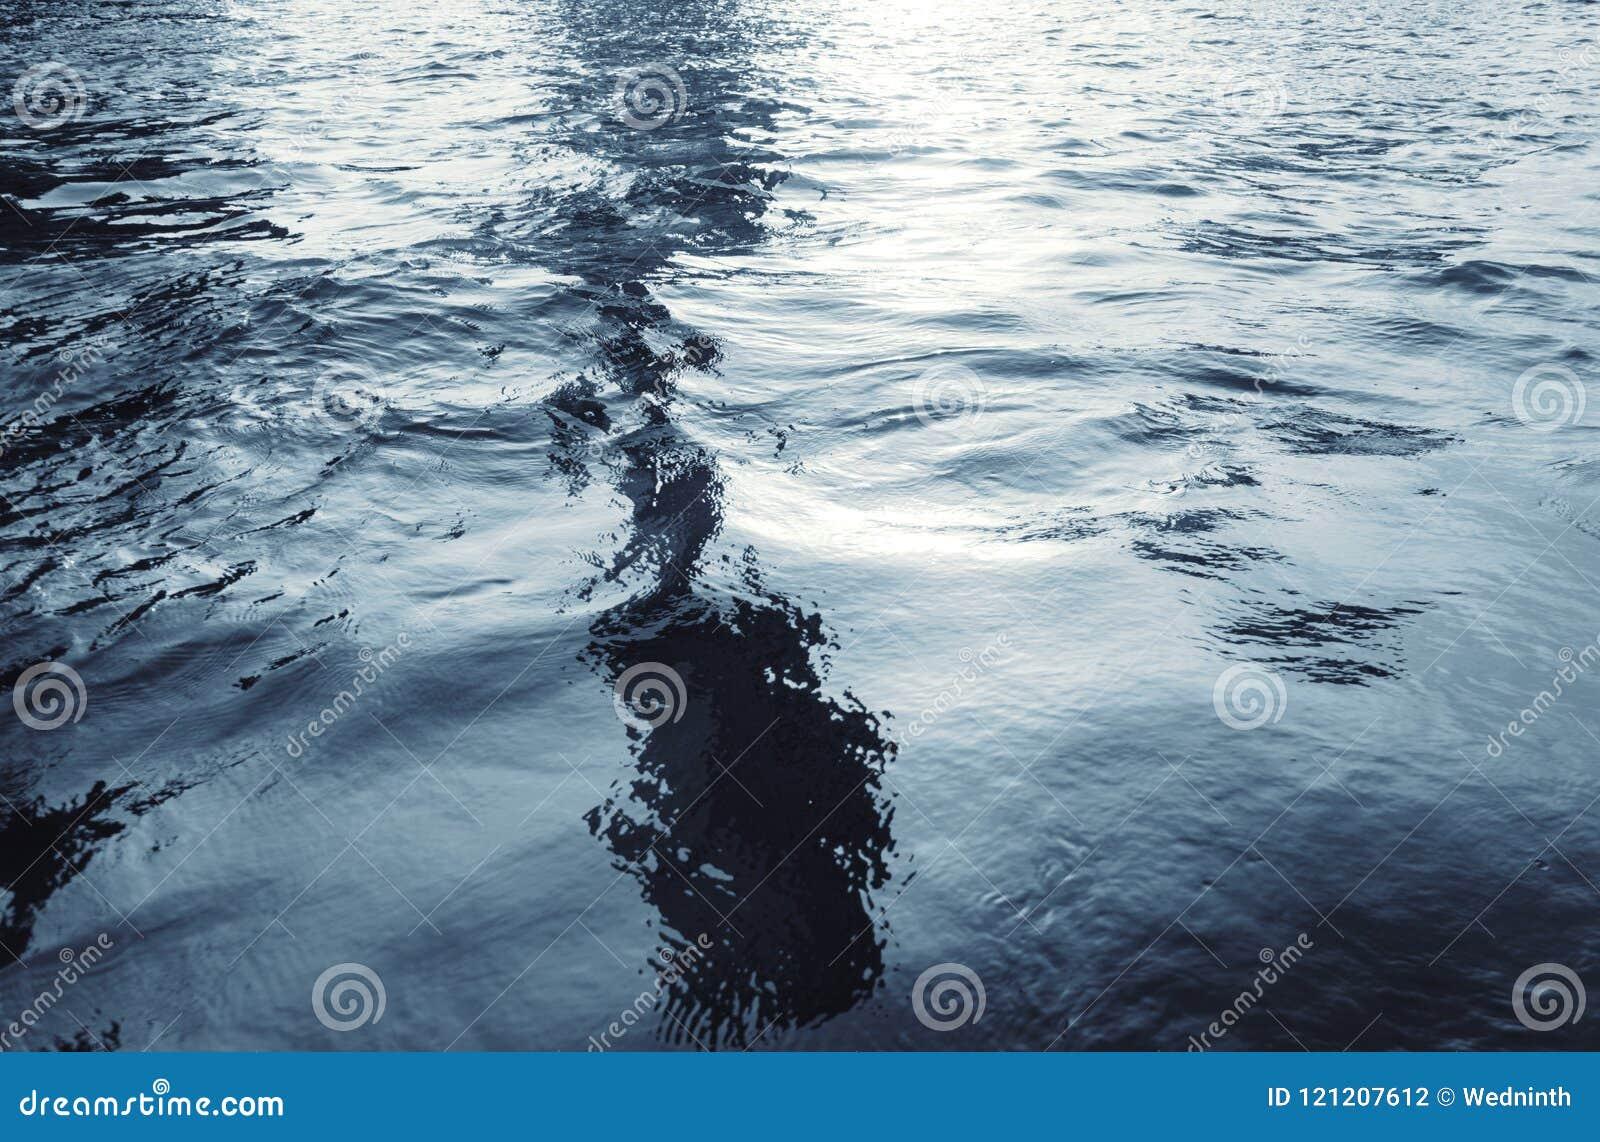 Поверхность воды с пульсациями и отражениями солнечного света